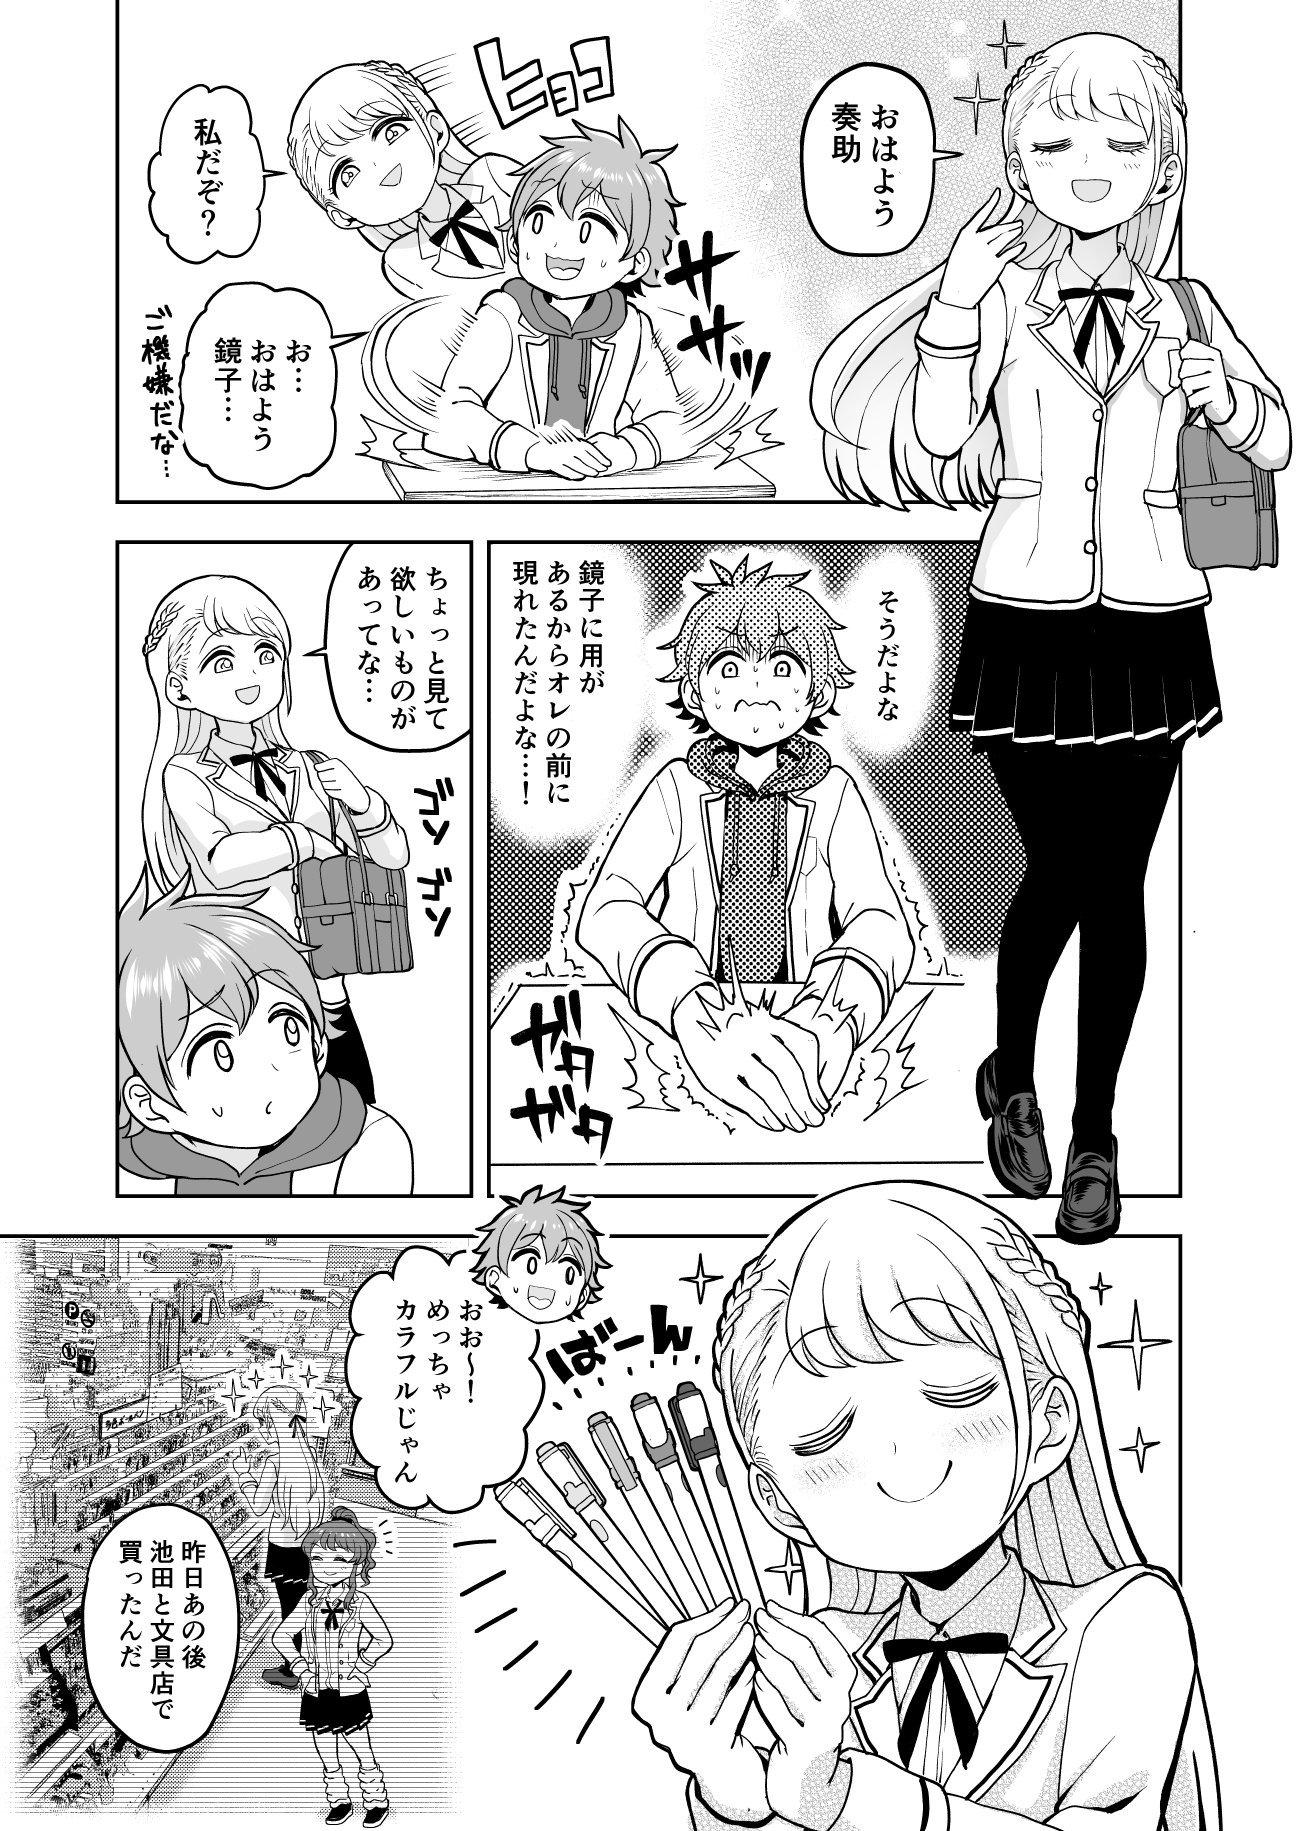 の 怪物 見る 少女 は 初恋 夢 か を 第4話 えっちなことを頼まれる!?